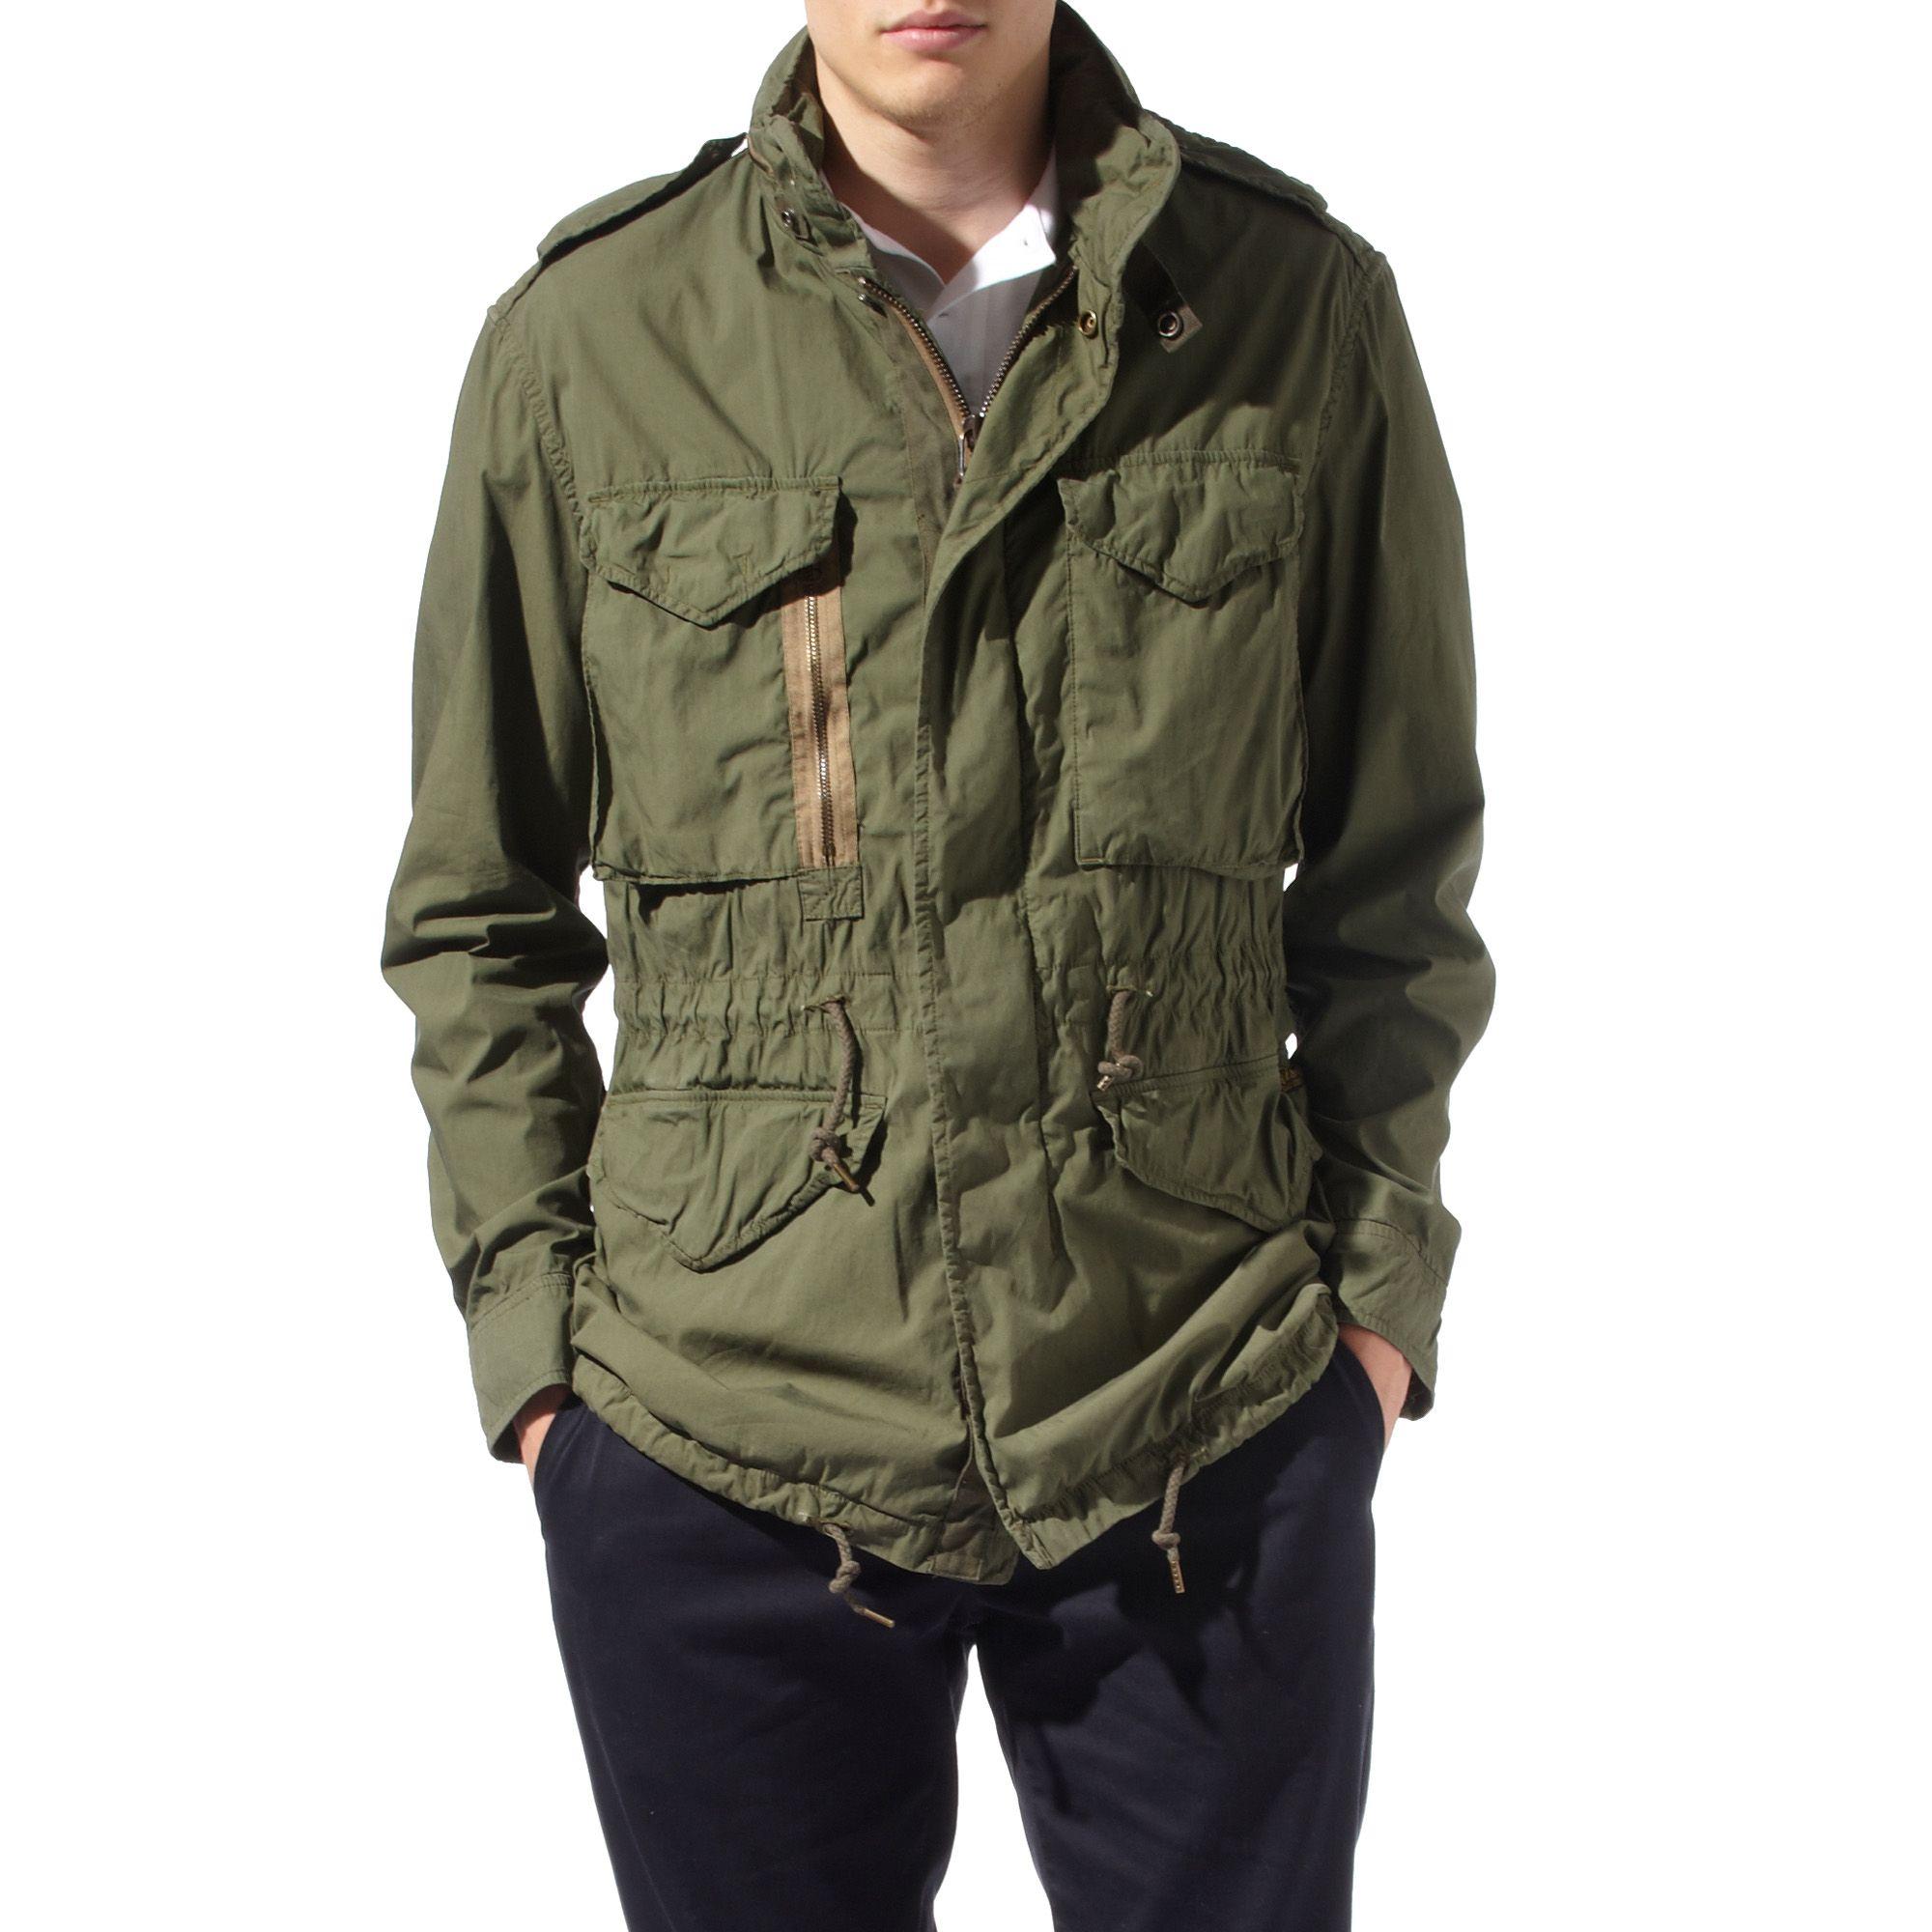 Ralph lauren m65 combat jacket in green for men olive lyst